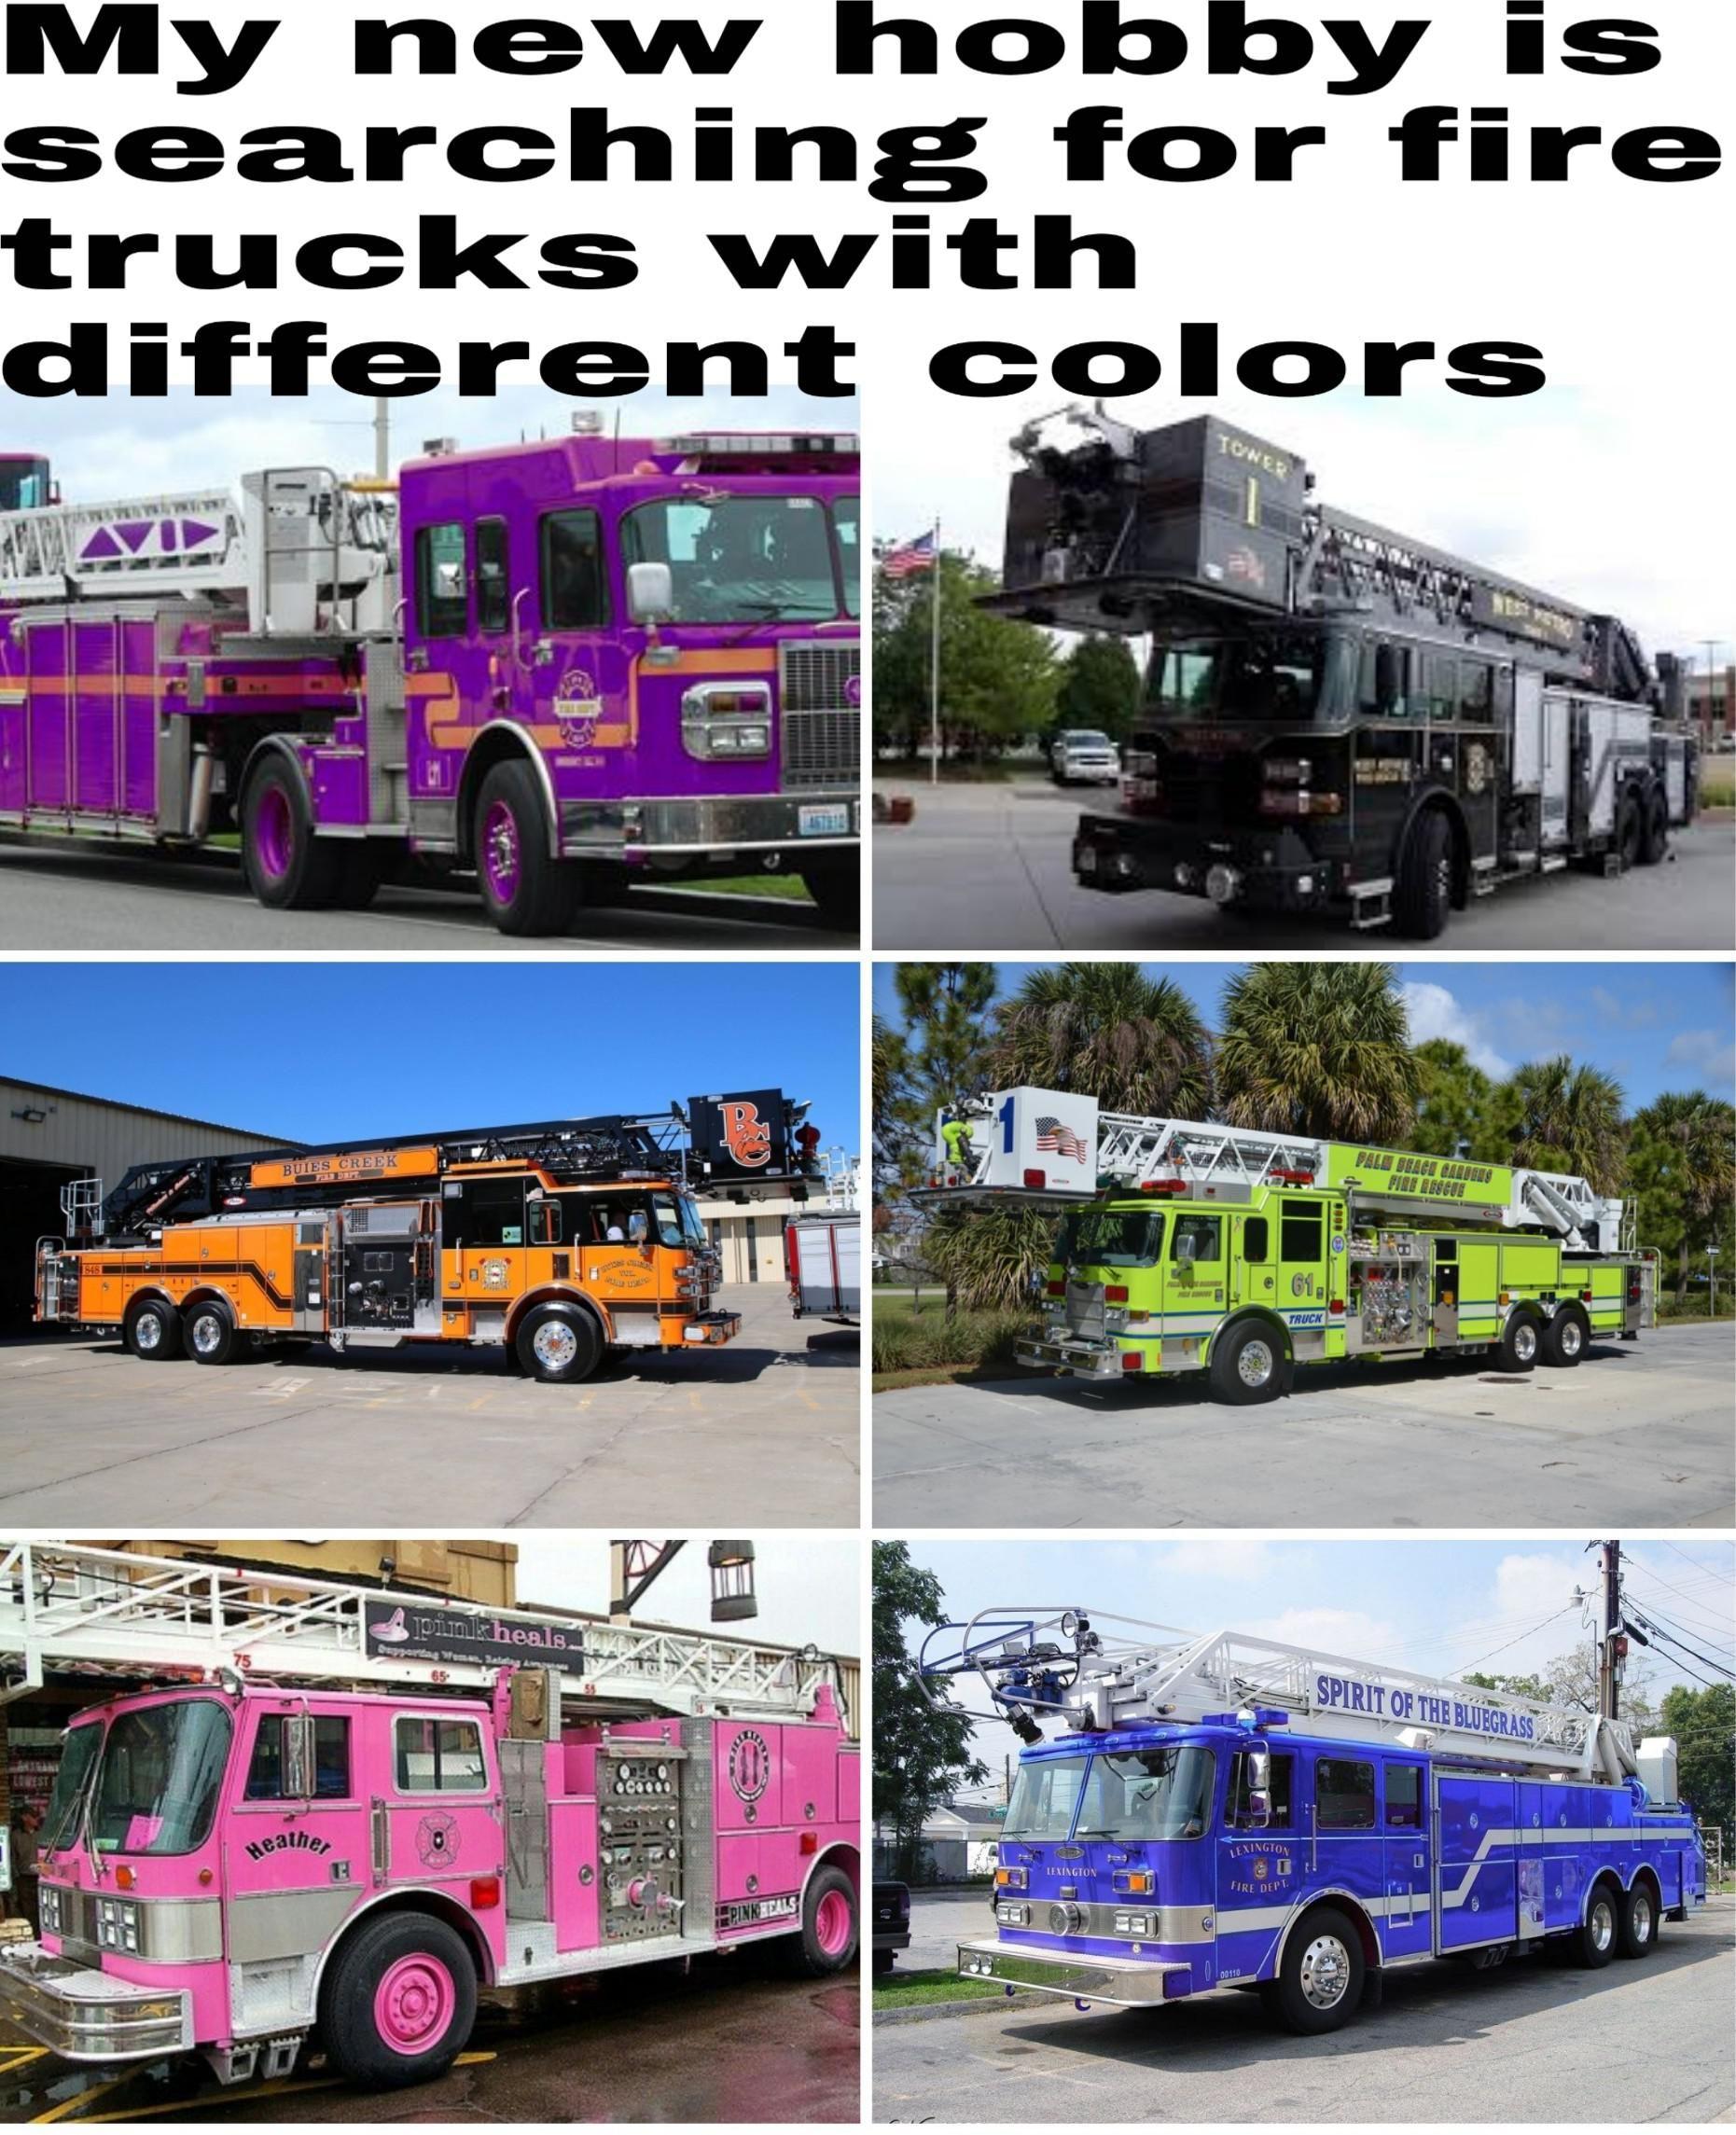 Red fire truck aren't allowed